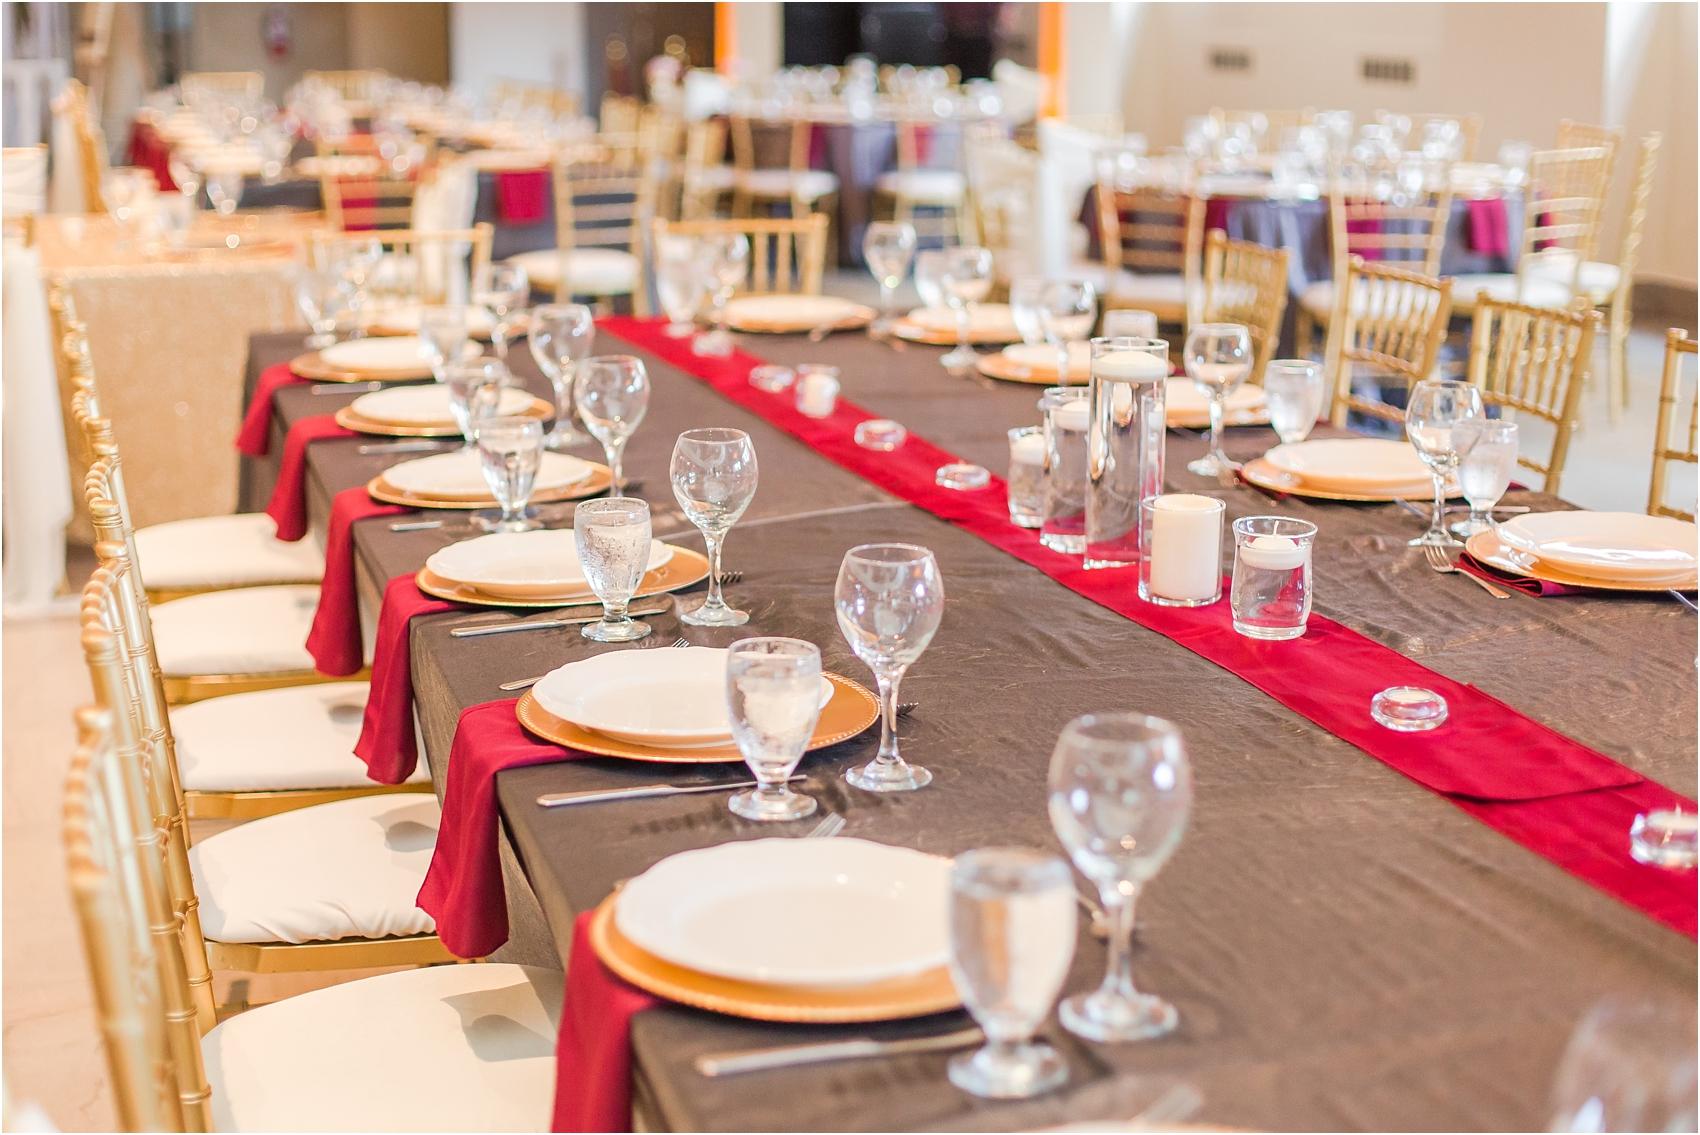 minimalist-and-modern-wedding-photos-at-30-north-saginaw-in-pontiac-michigan-by-courtney-carolyn-photography_0071.jpg